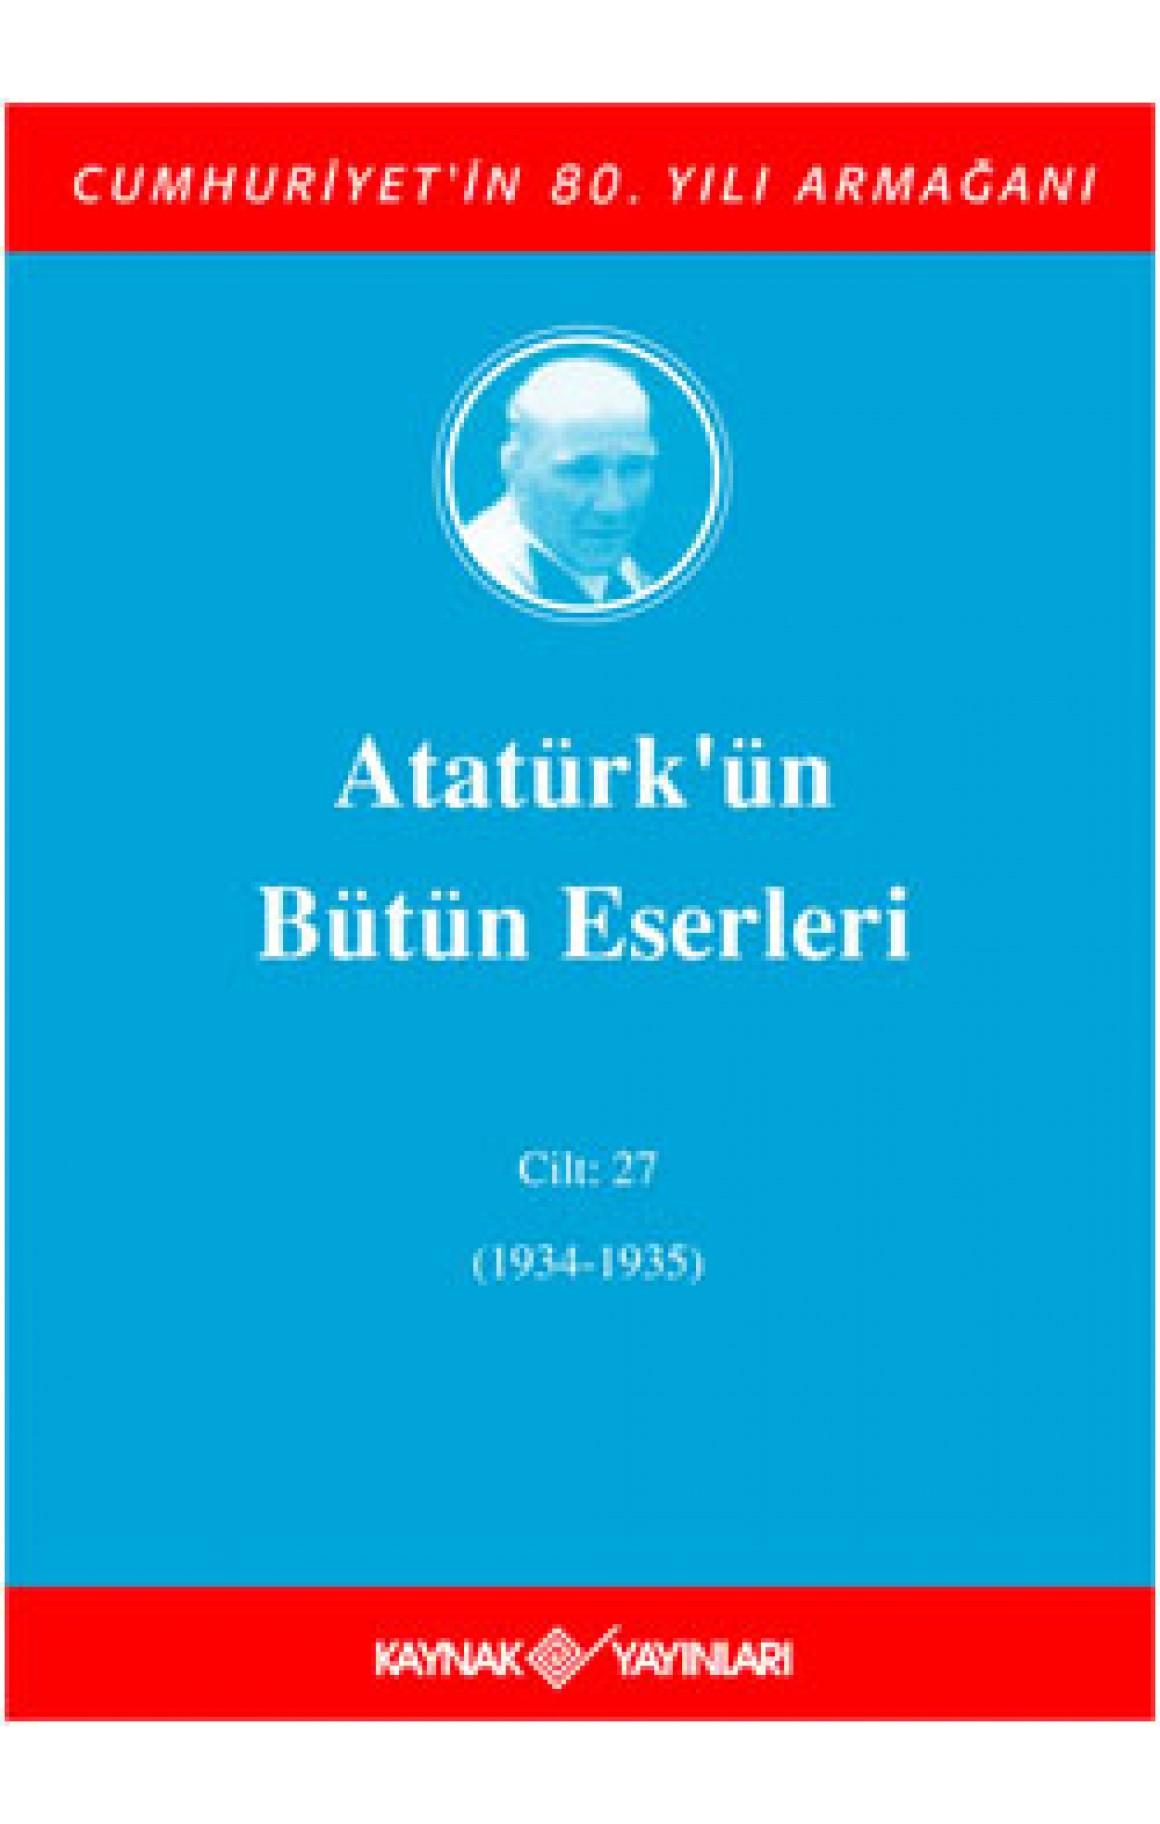 Atatürk'ün Bütün Eserleri - Cilt 27 (Ciltli Kitap)